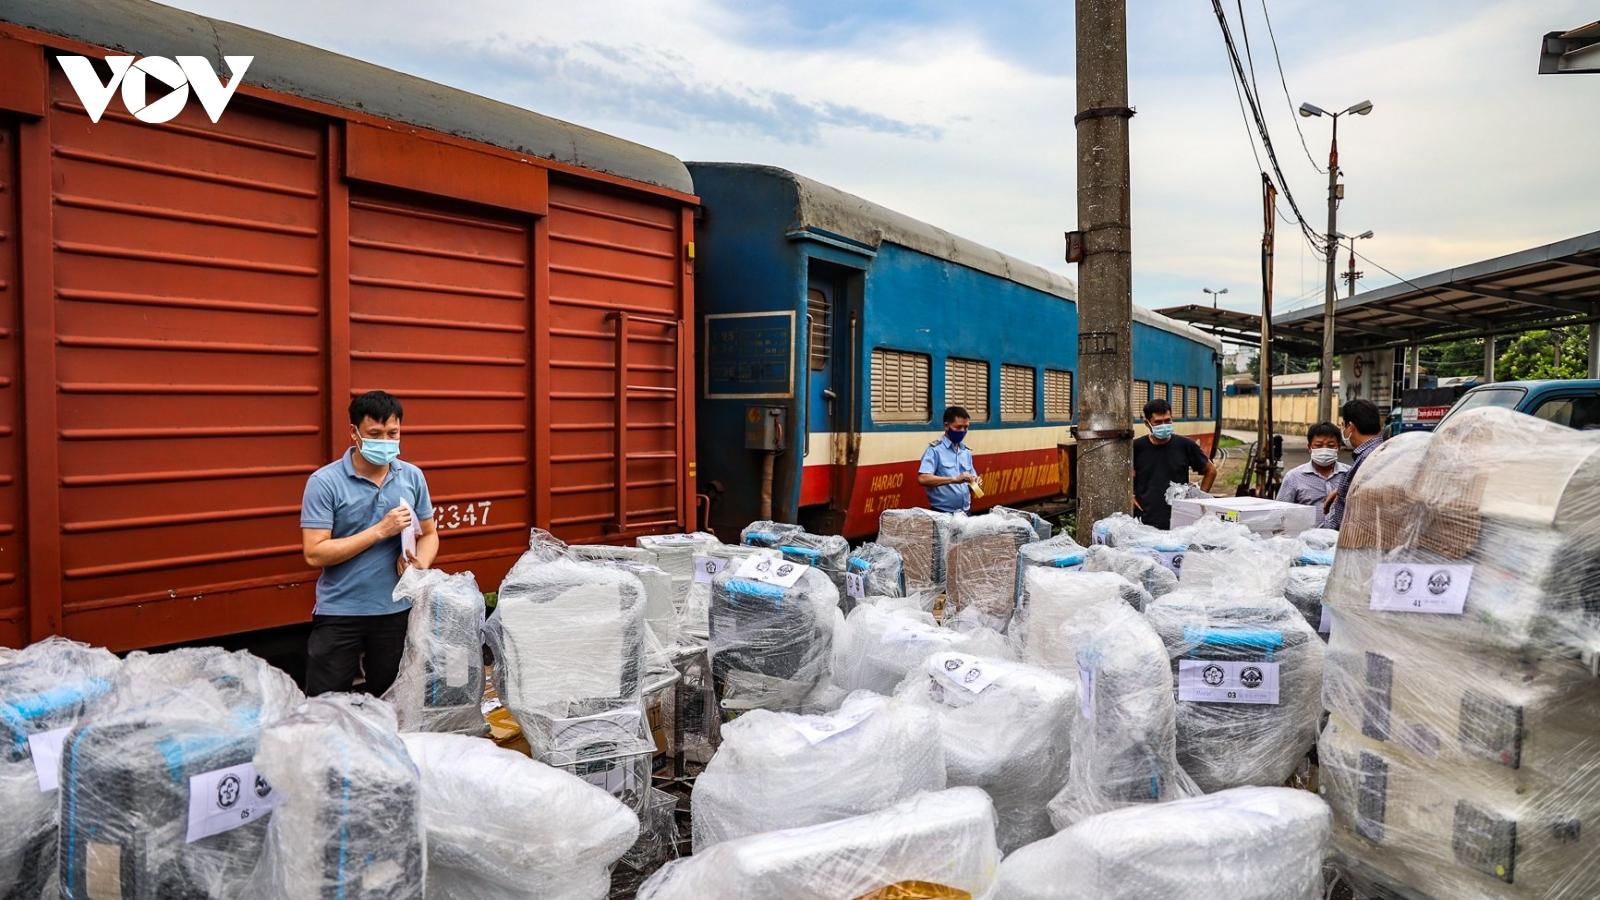 Hơn 10 tấn trang thiết bị y tế được vận chuyển bằng tàu hỏa vào TP.HCM chống dịch COVID-19